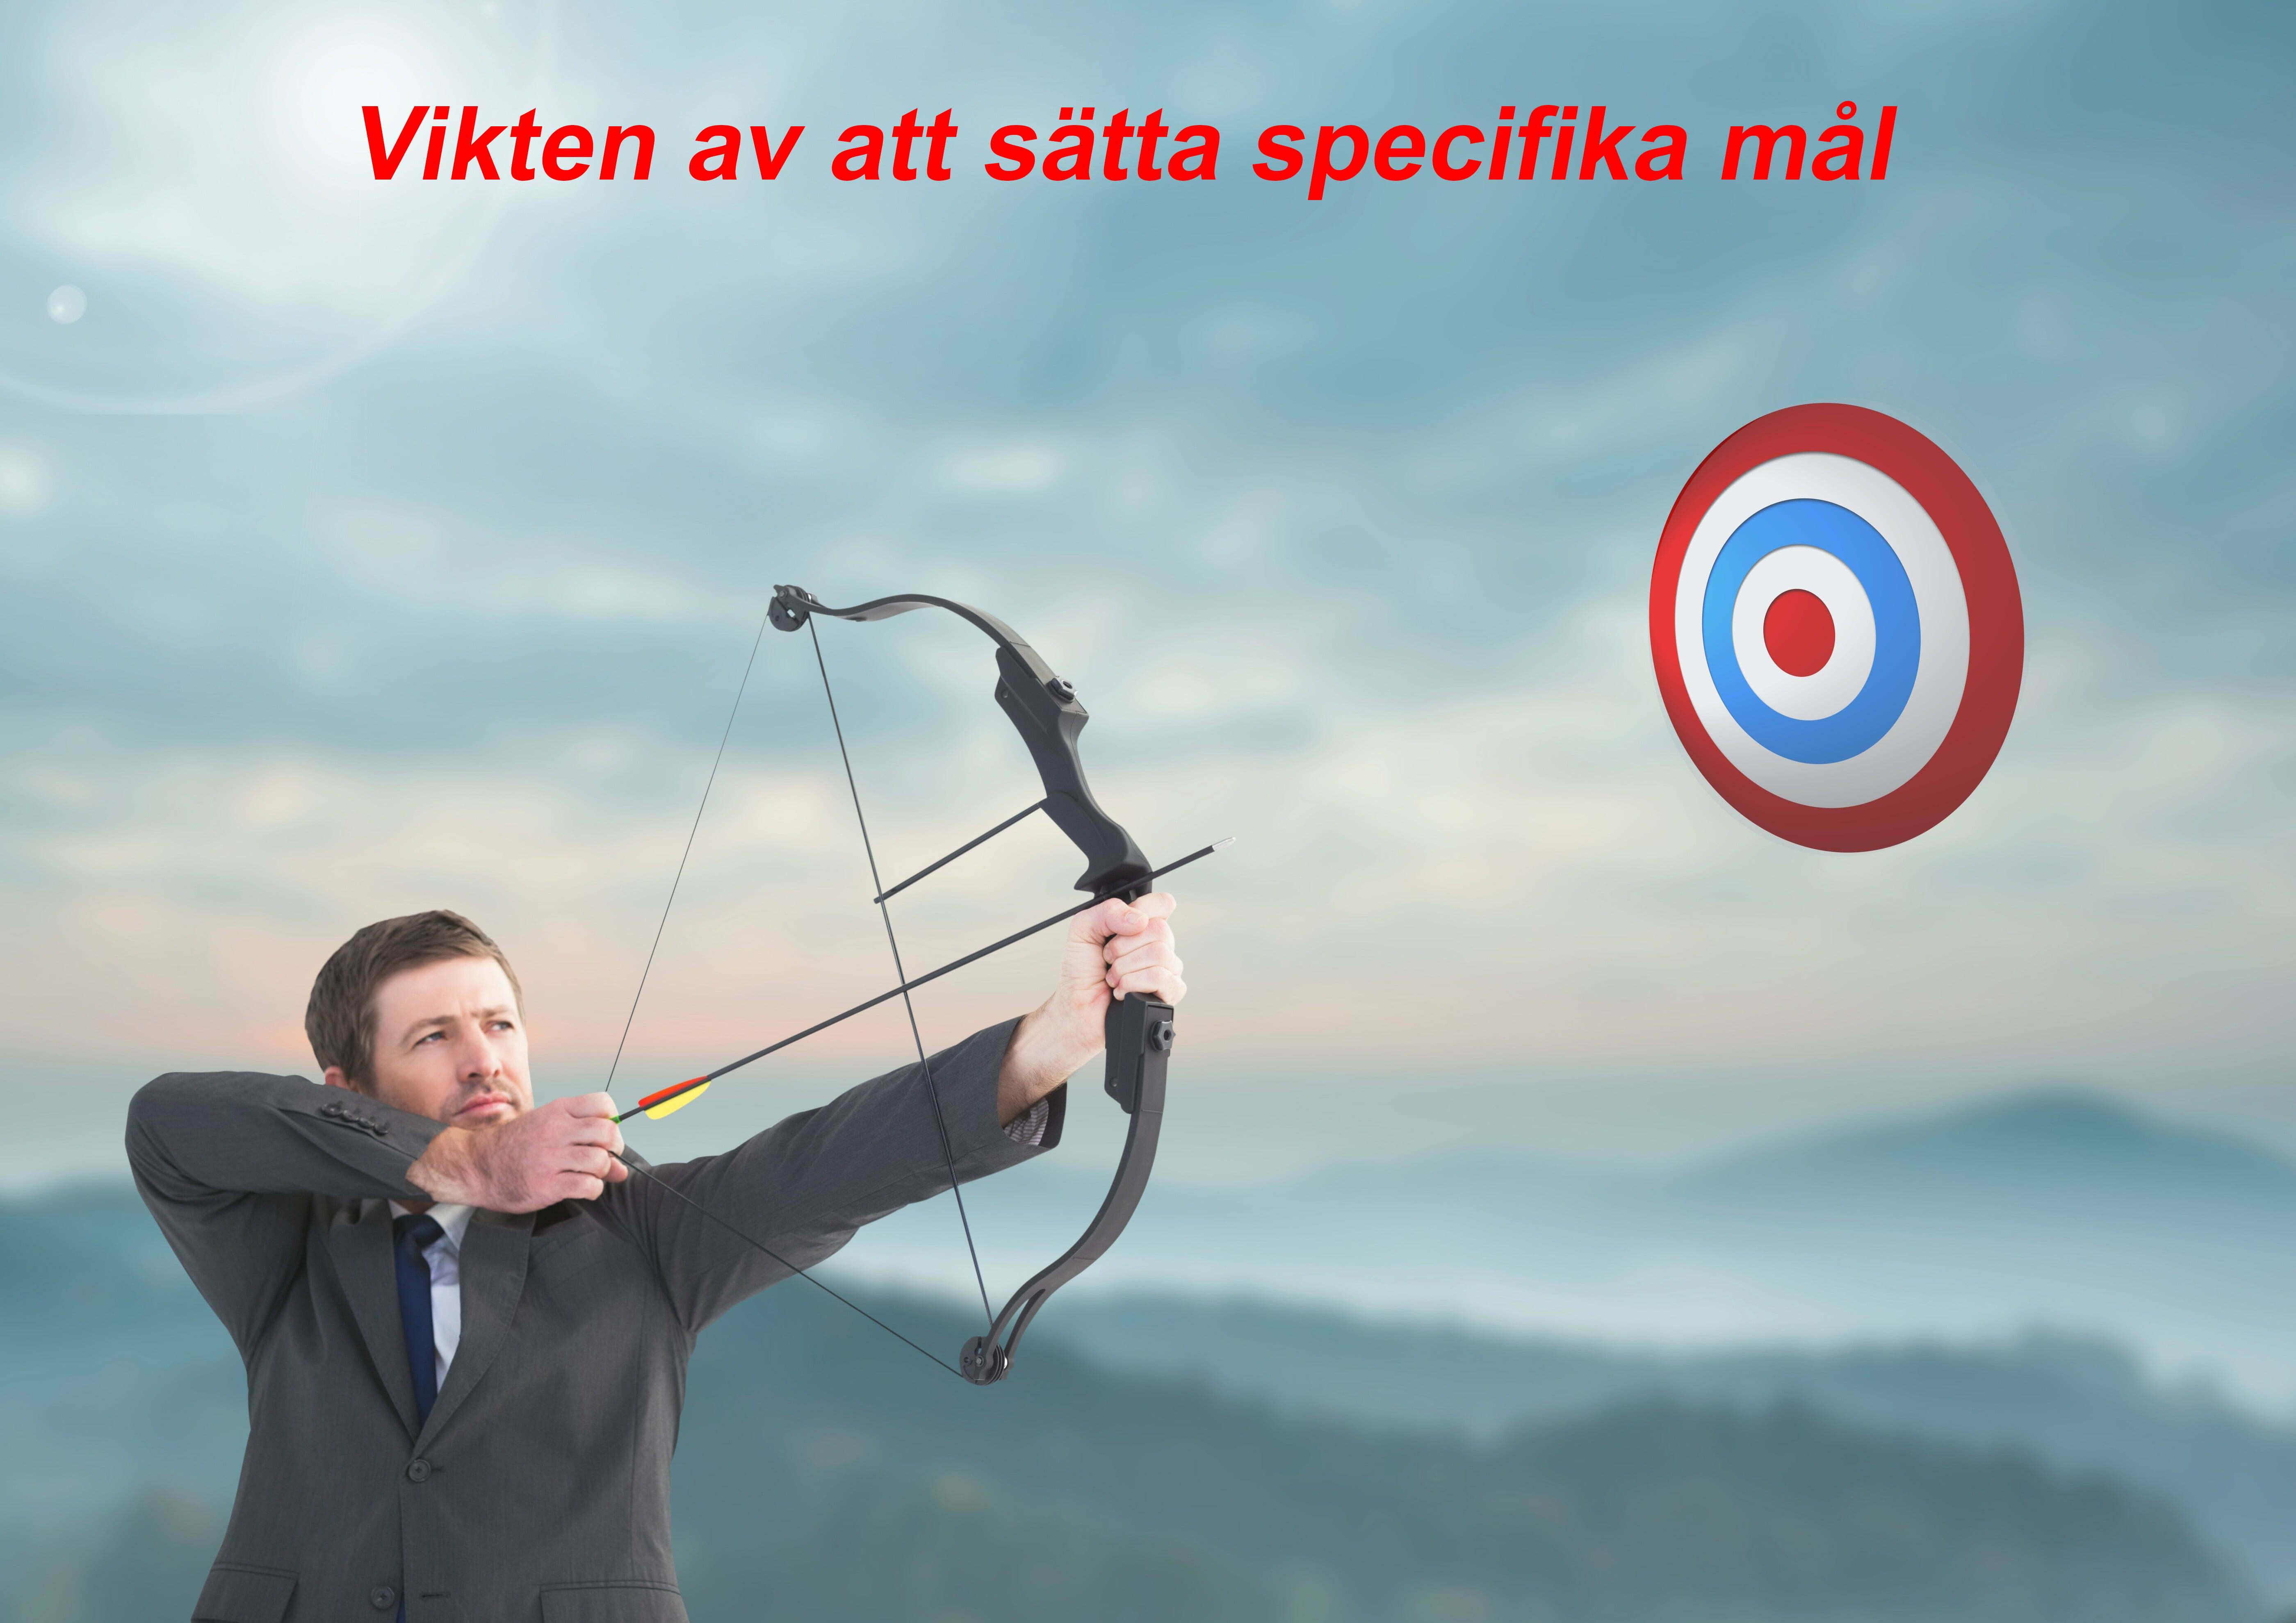 Specifika mål, Tomas Tobiasson, Angamato Ekonomikonsult.